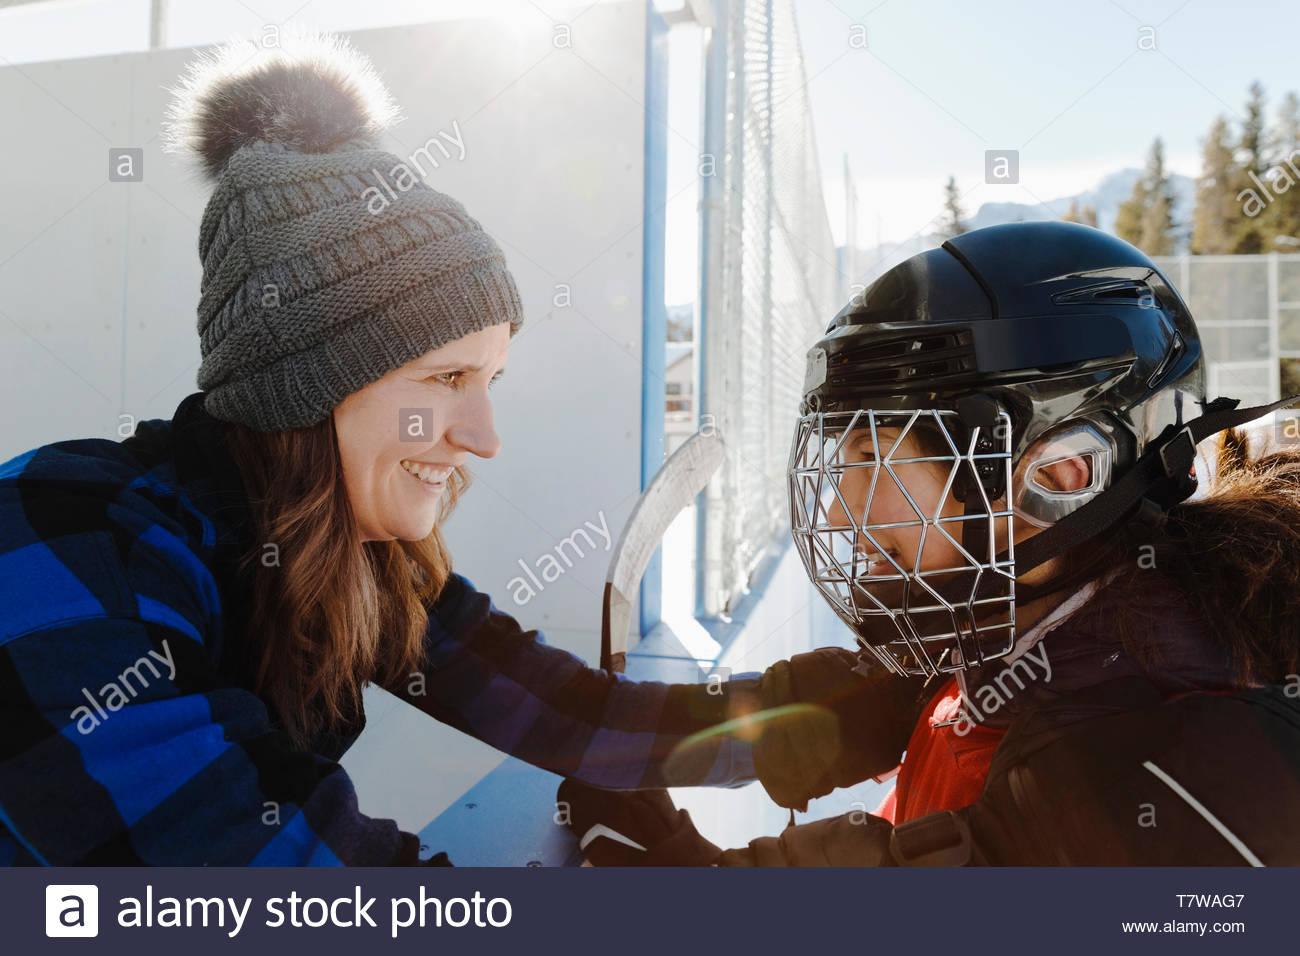 Madre e figlia giocare all'aperto di hockey su ghiaccio Immagini Stock